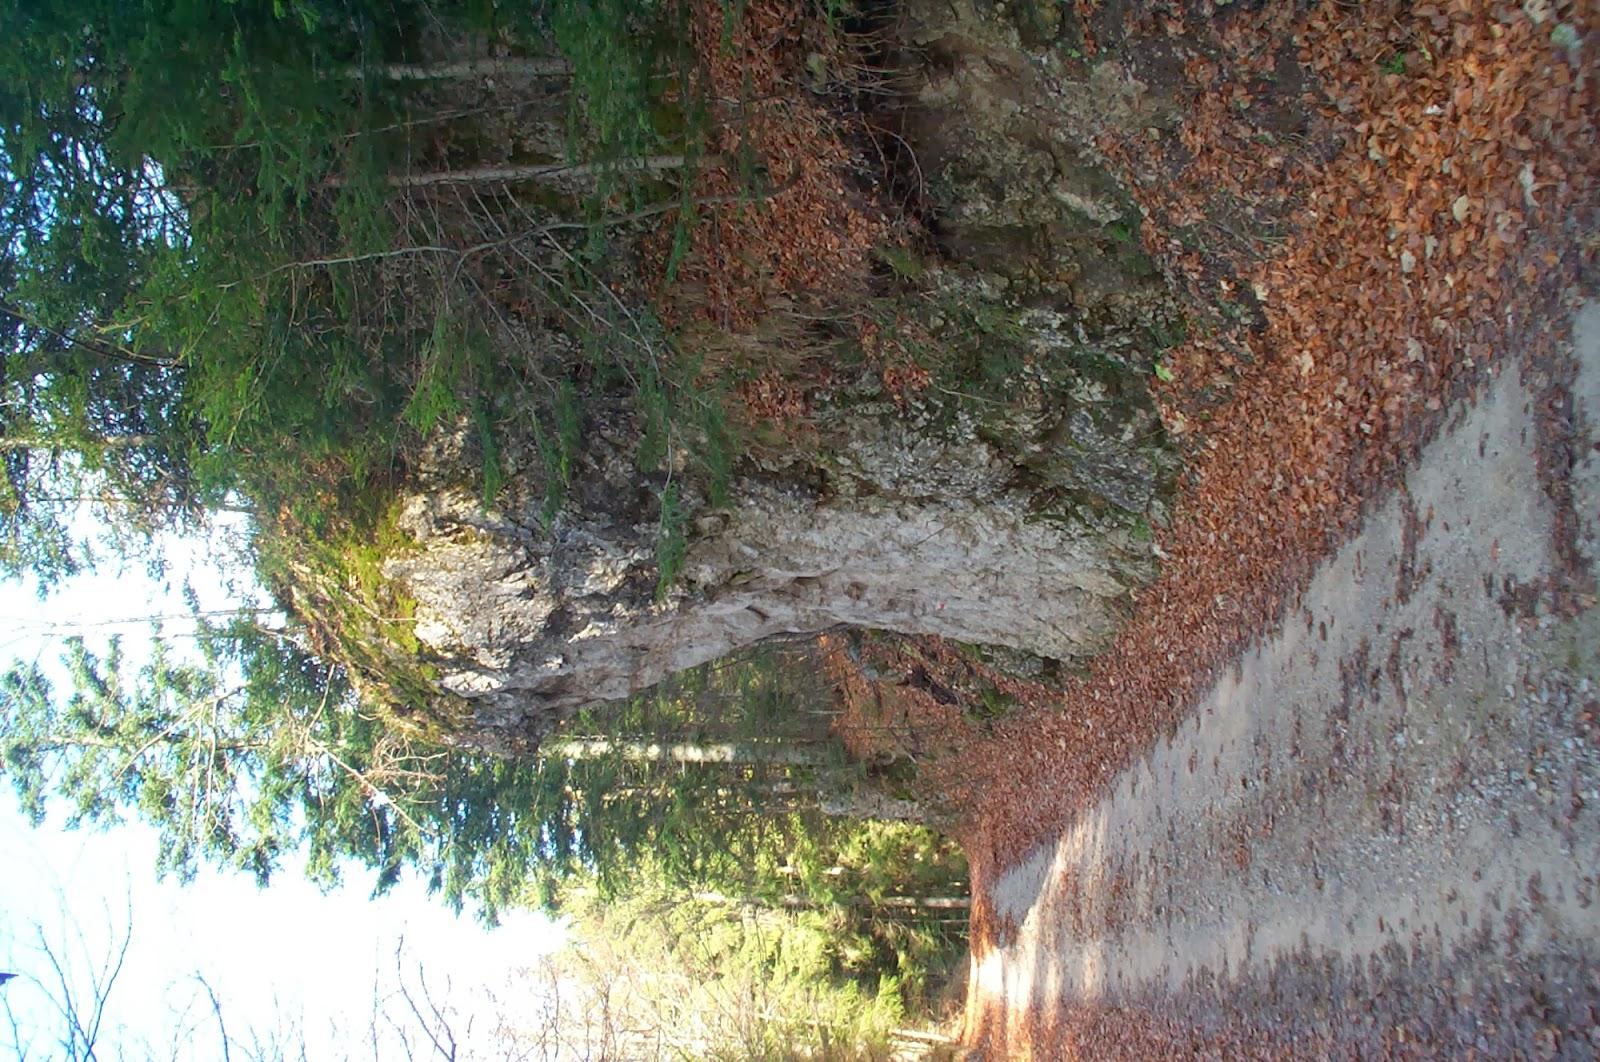 Jesenovanje, Črni dol 2004 - Jesenovanje%2B2004%2B050.jpg